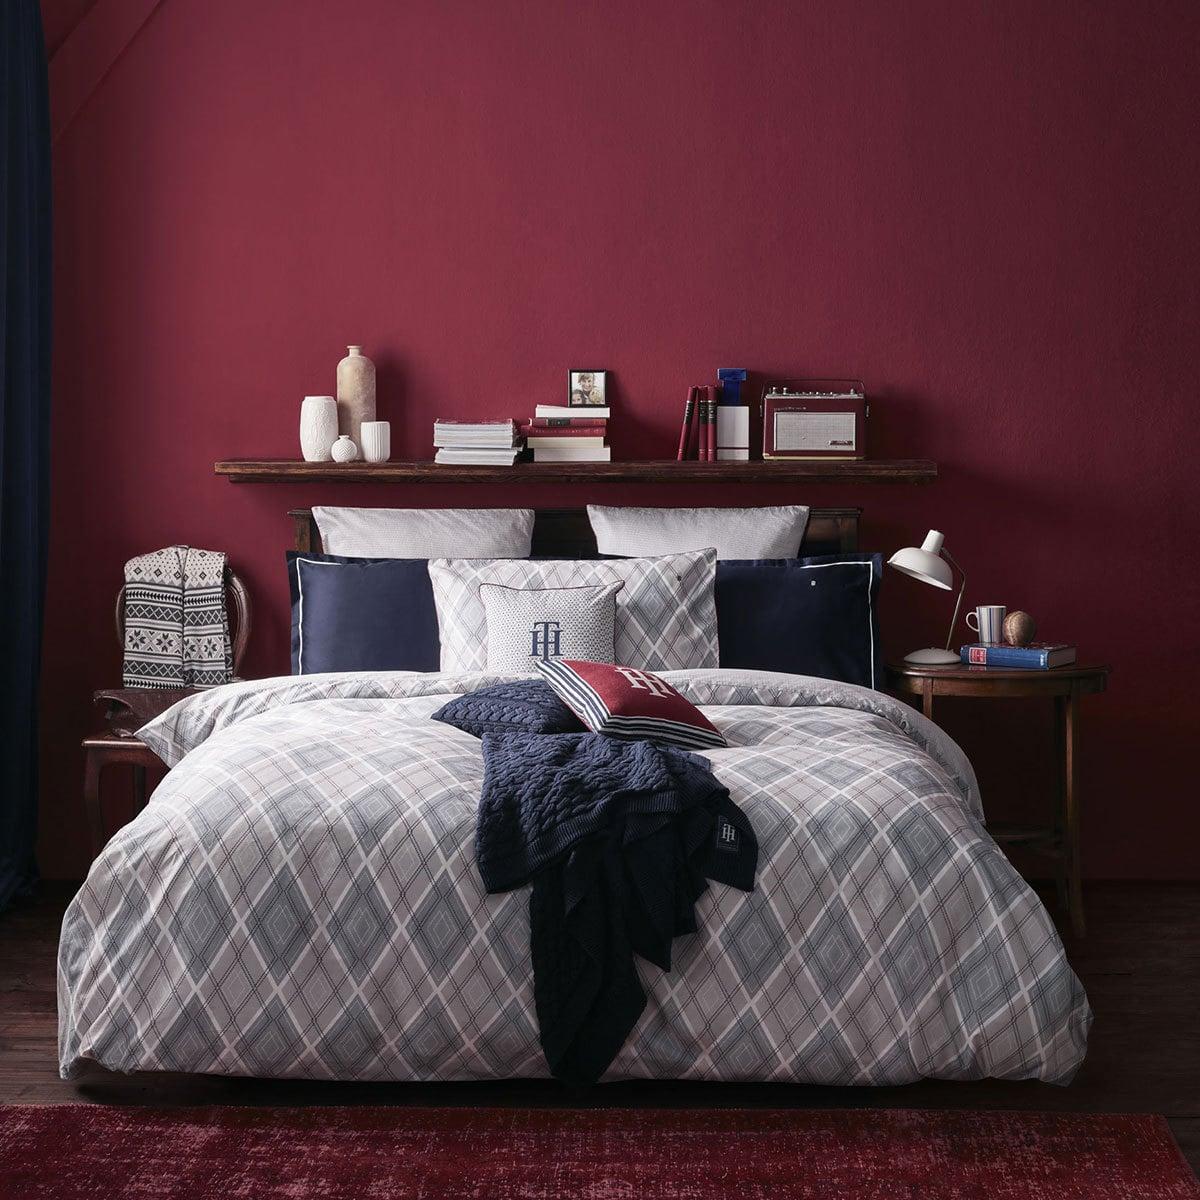 tommy hilfiger mako satin bettw sche alternative g nstig online kaufen bei bettwaren shop. Black Bedroom Furniture Sets. Home Design Ideas